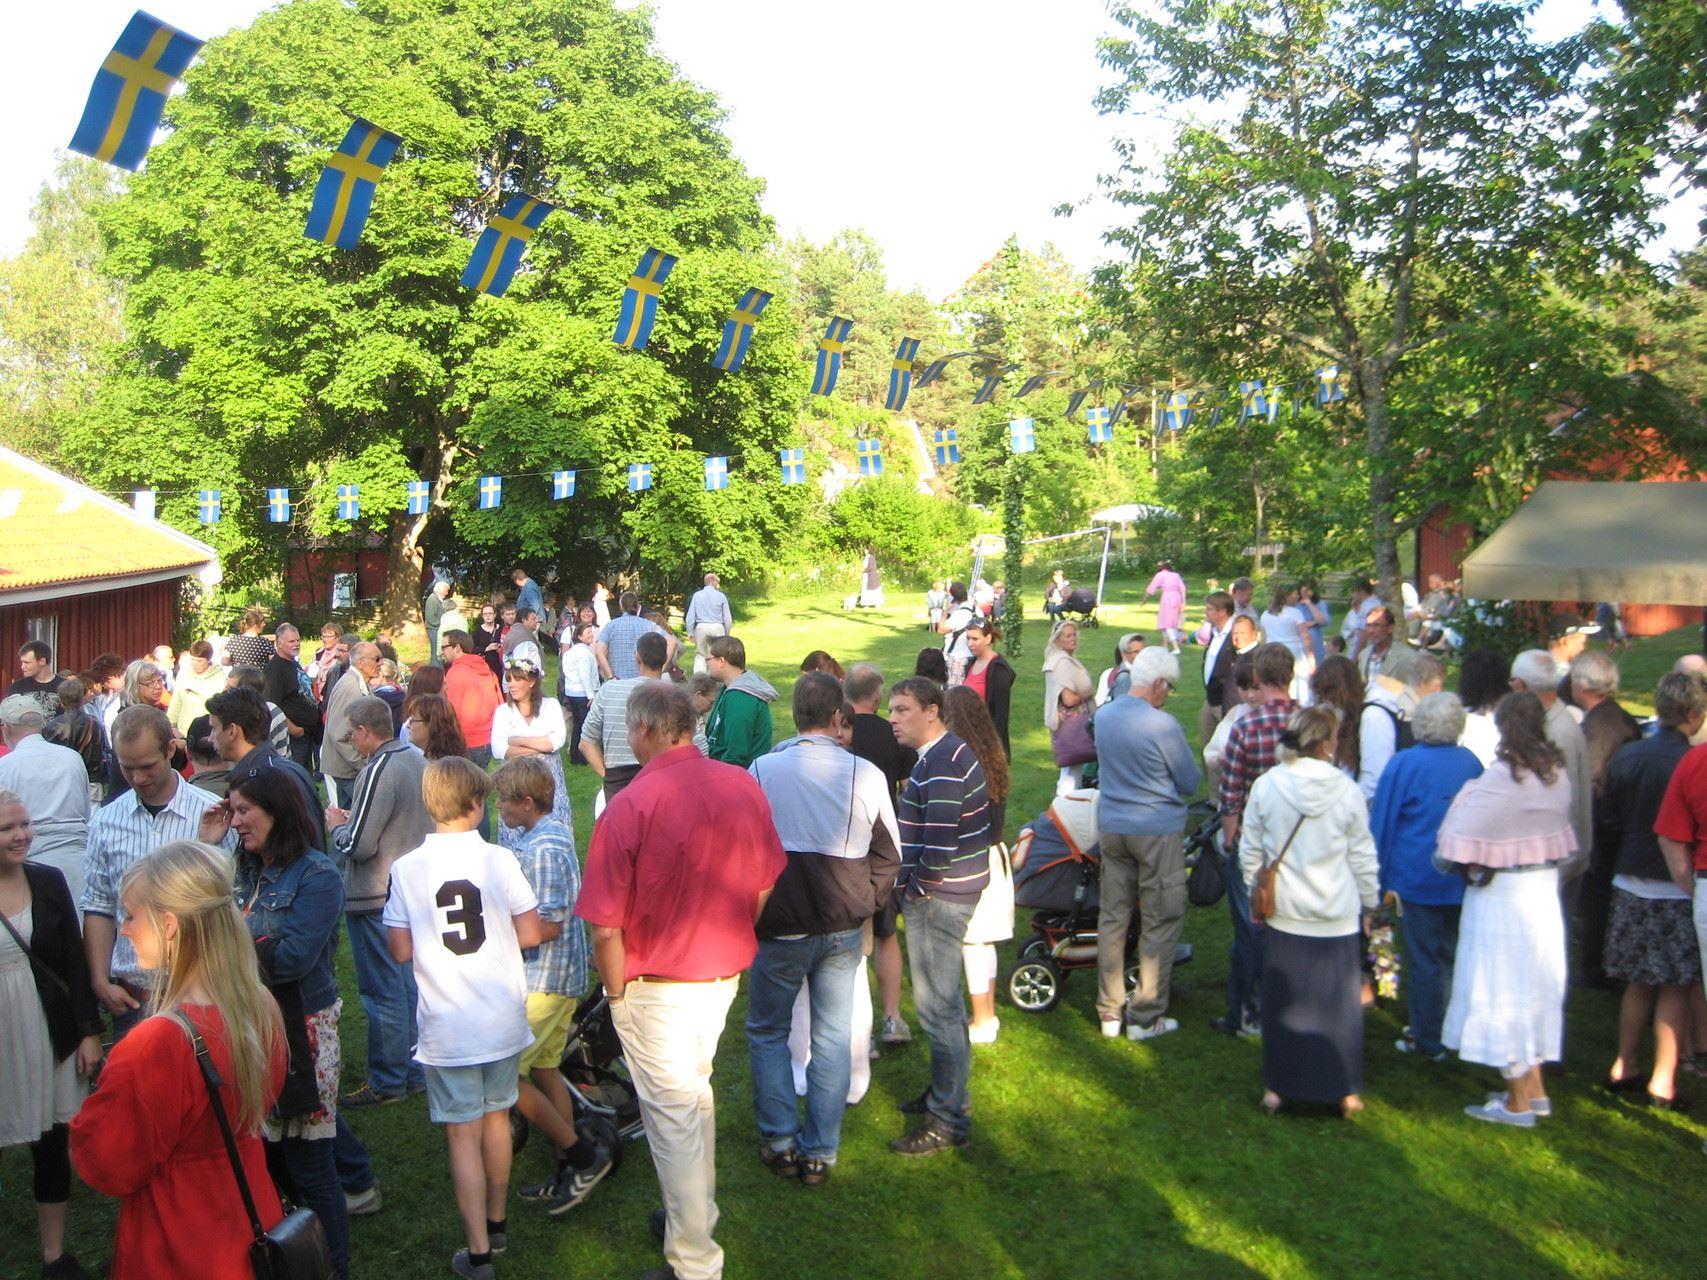 Midsummer celebrations in Västrum